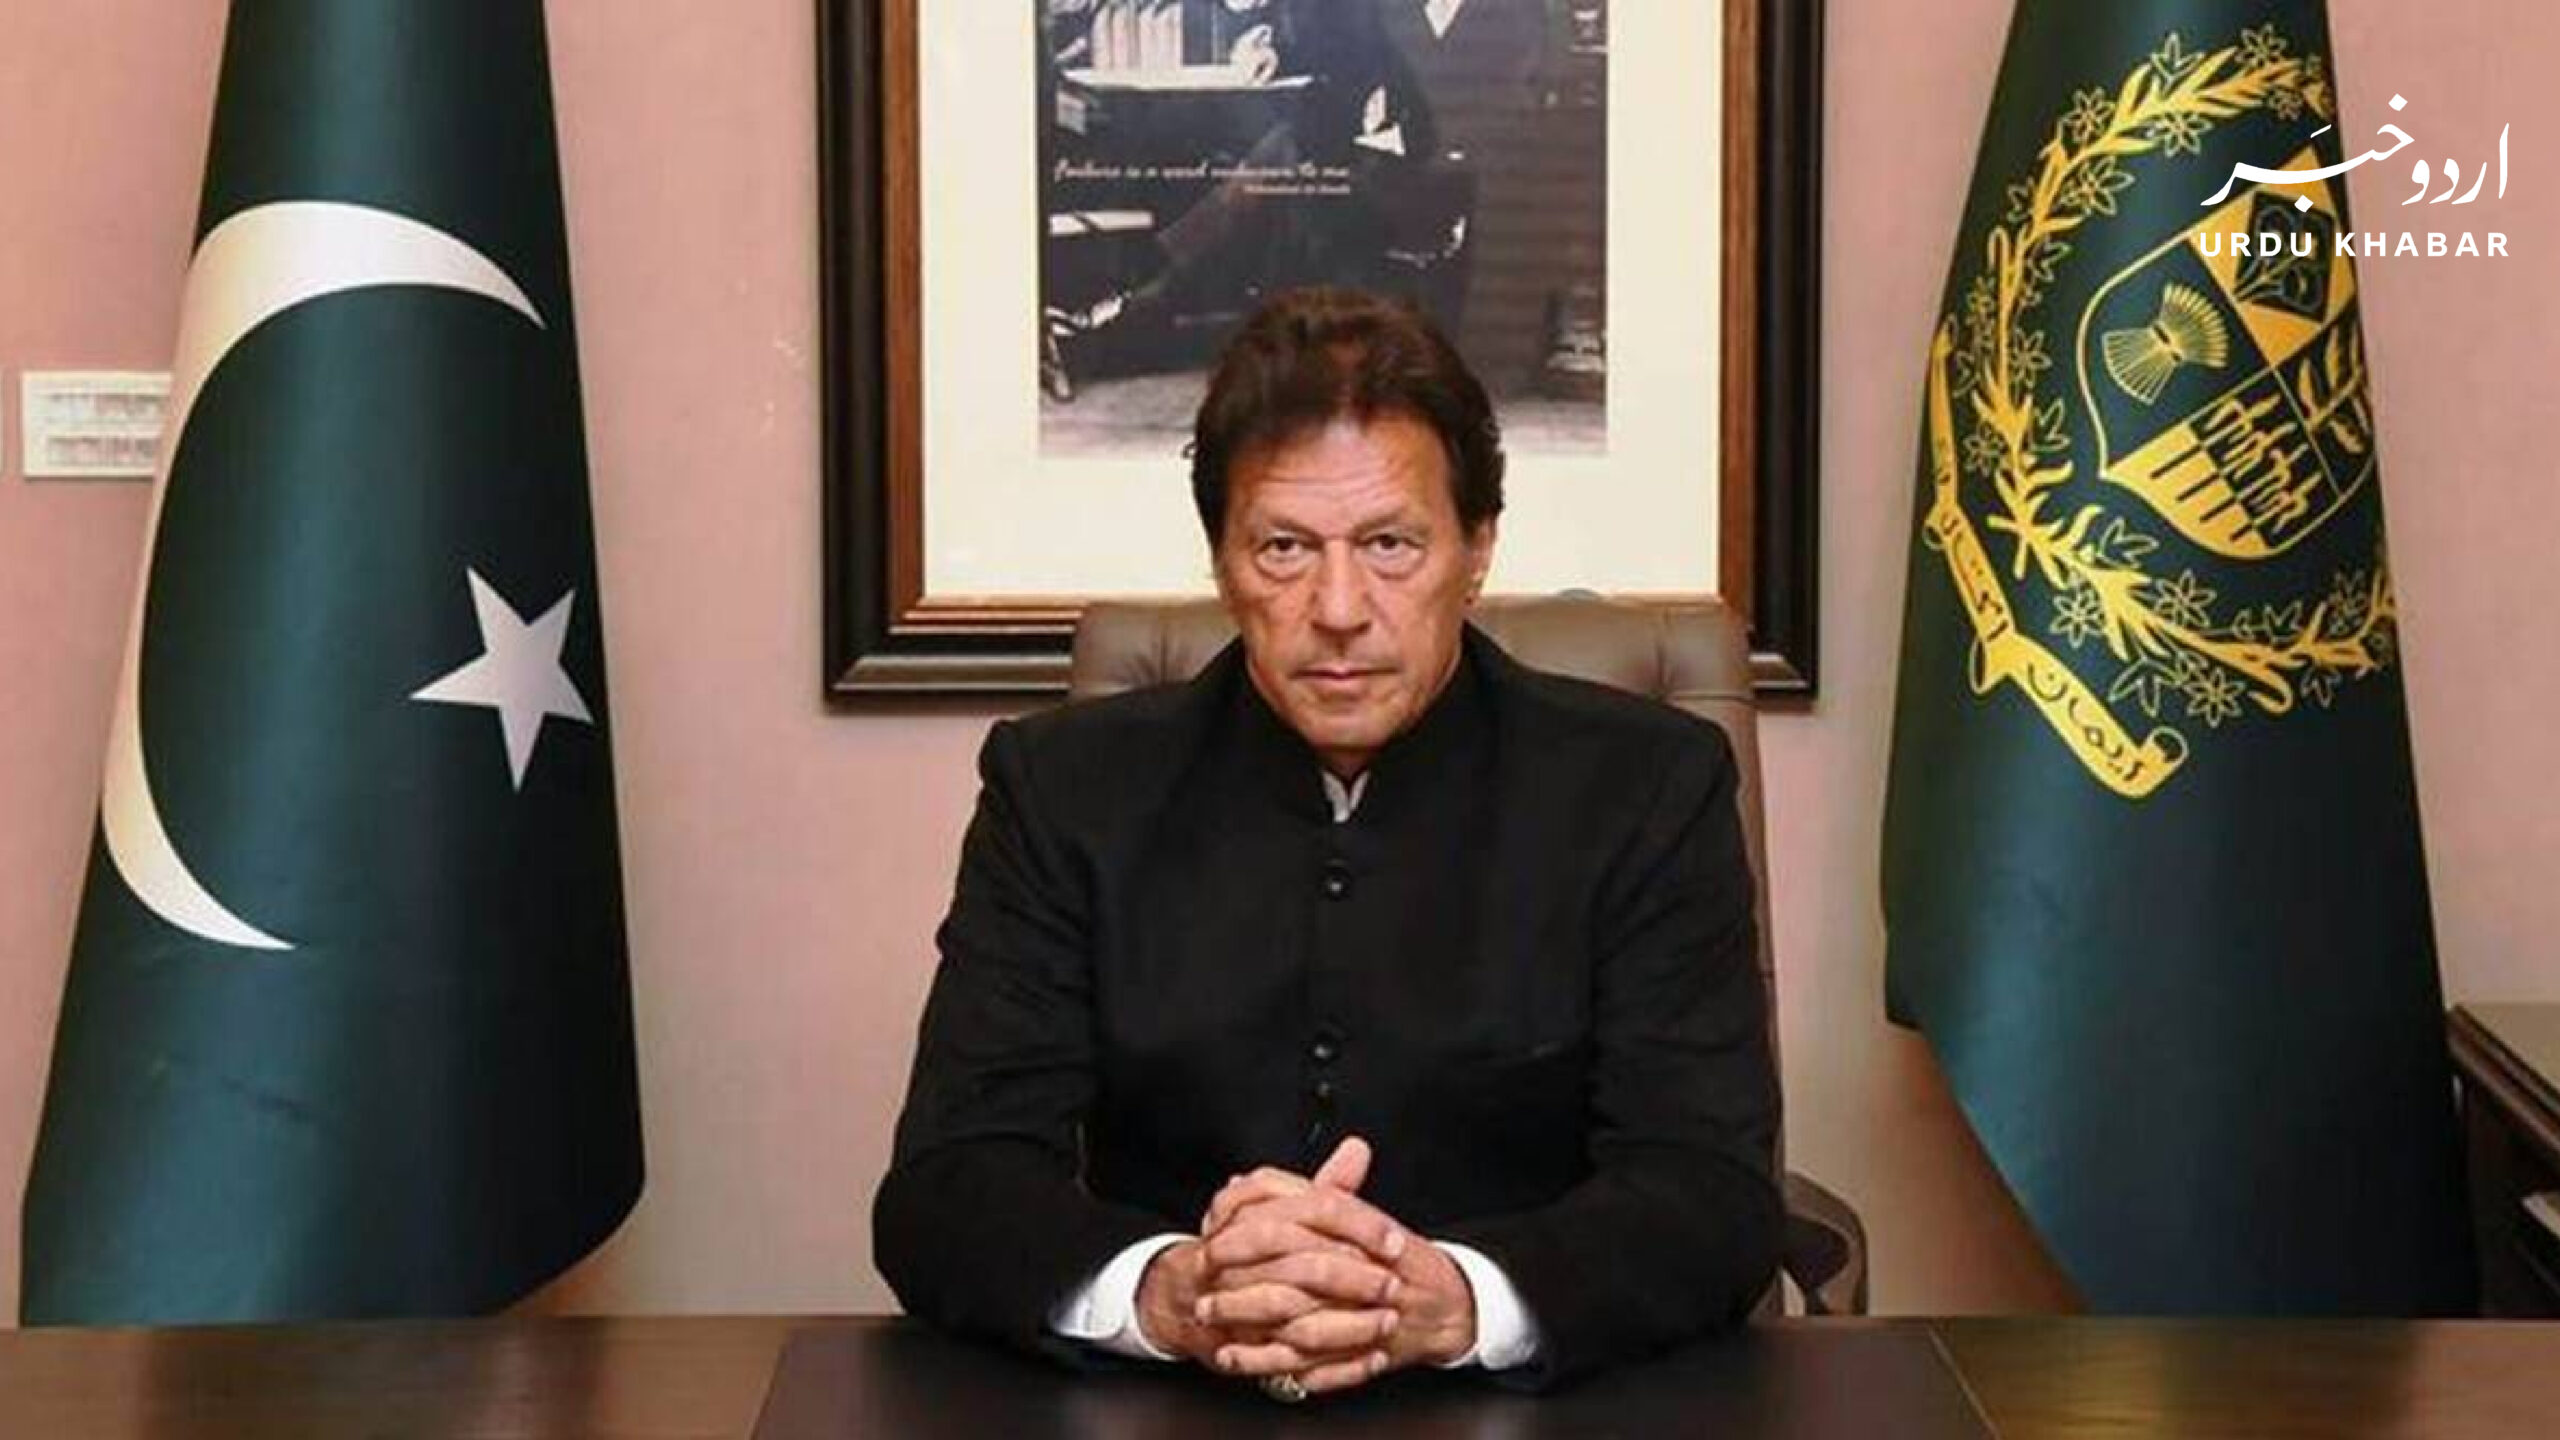 پارلیمنٹ میں وزیراعظم عمران خان 178 اعتماد کے ووٹ لے کر کامیاب